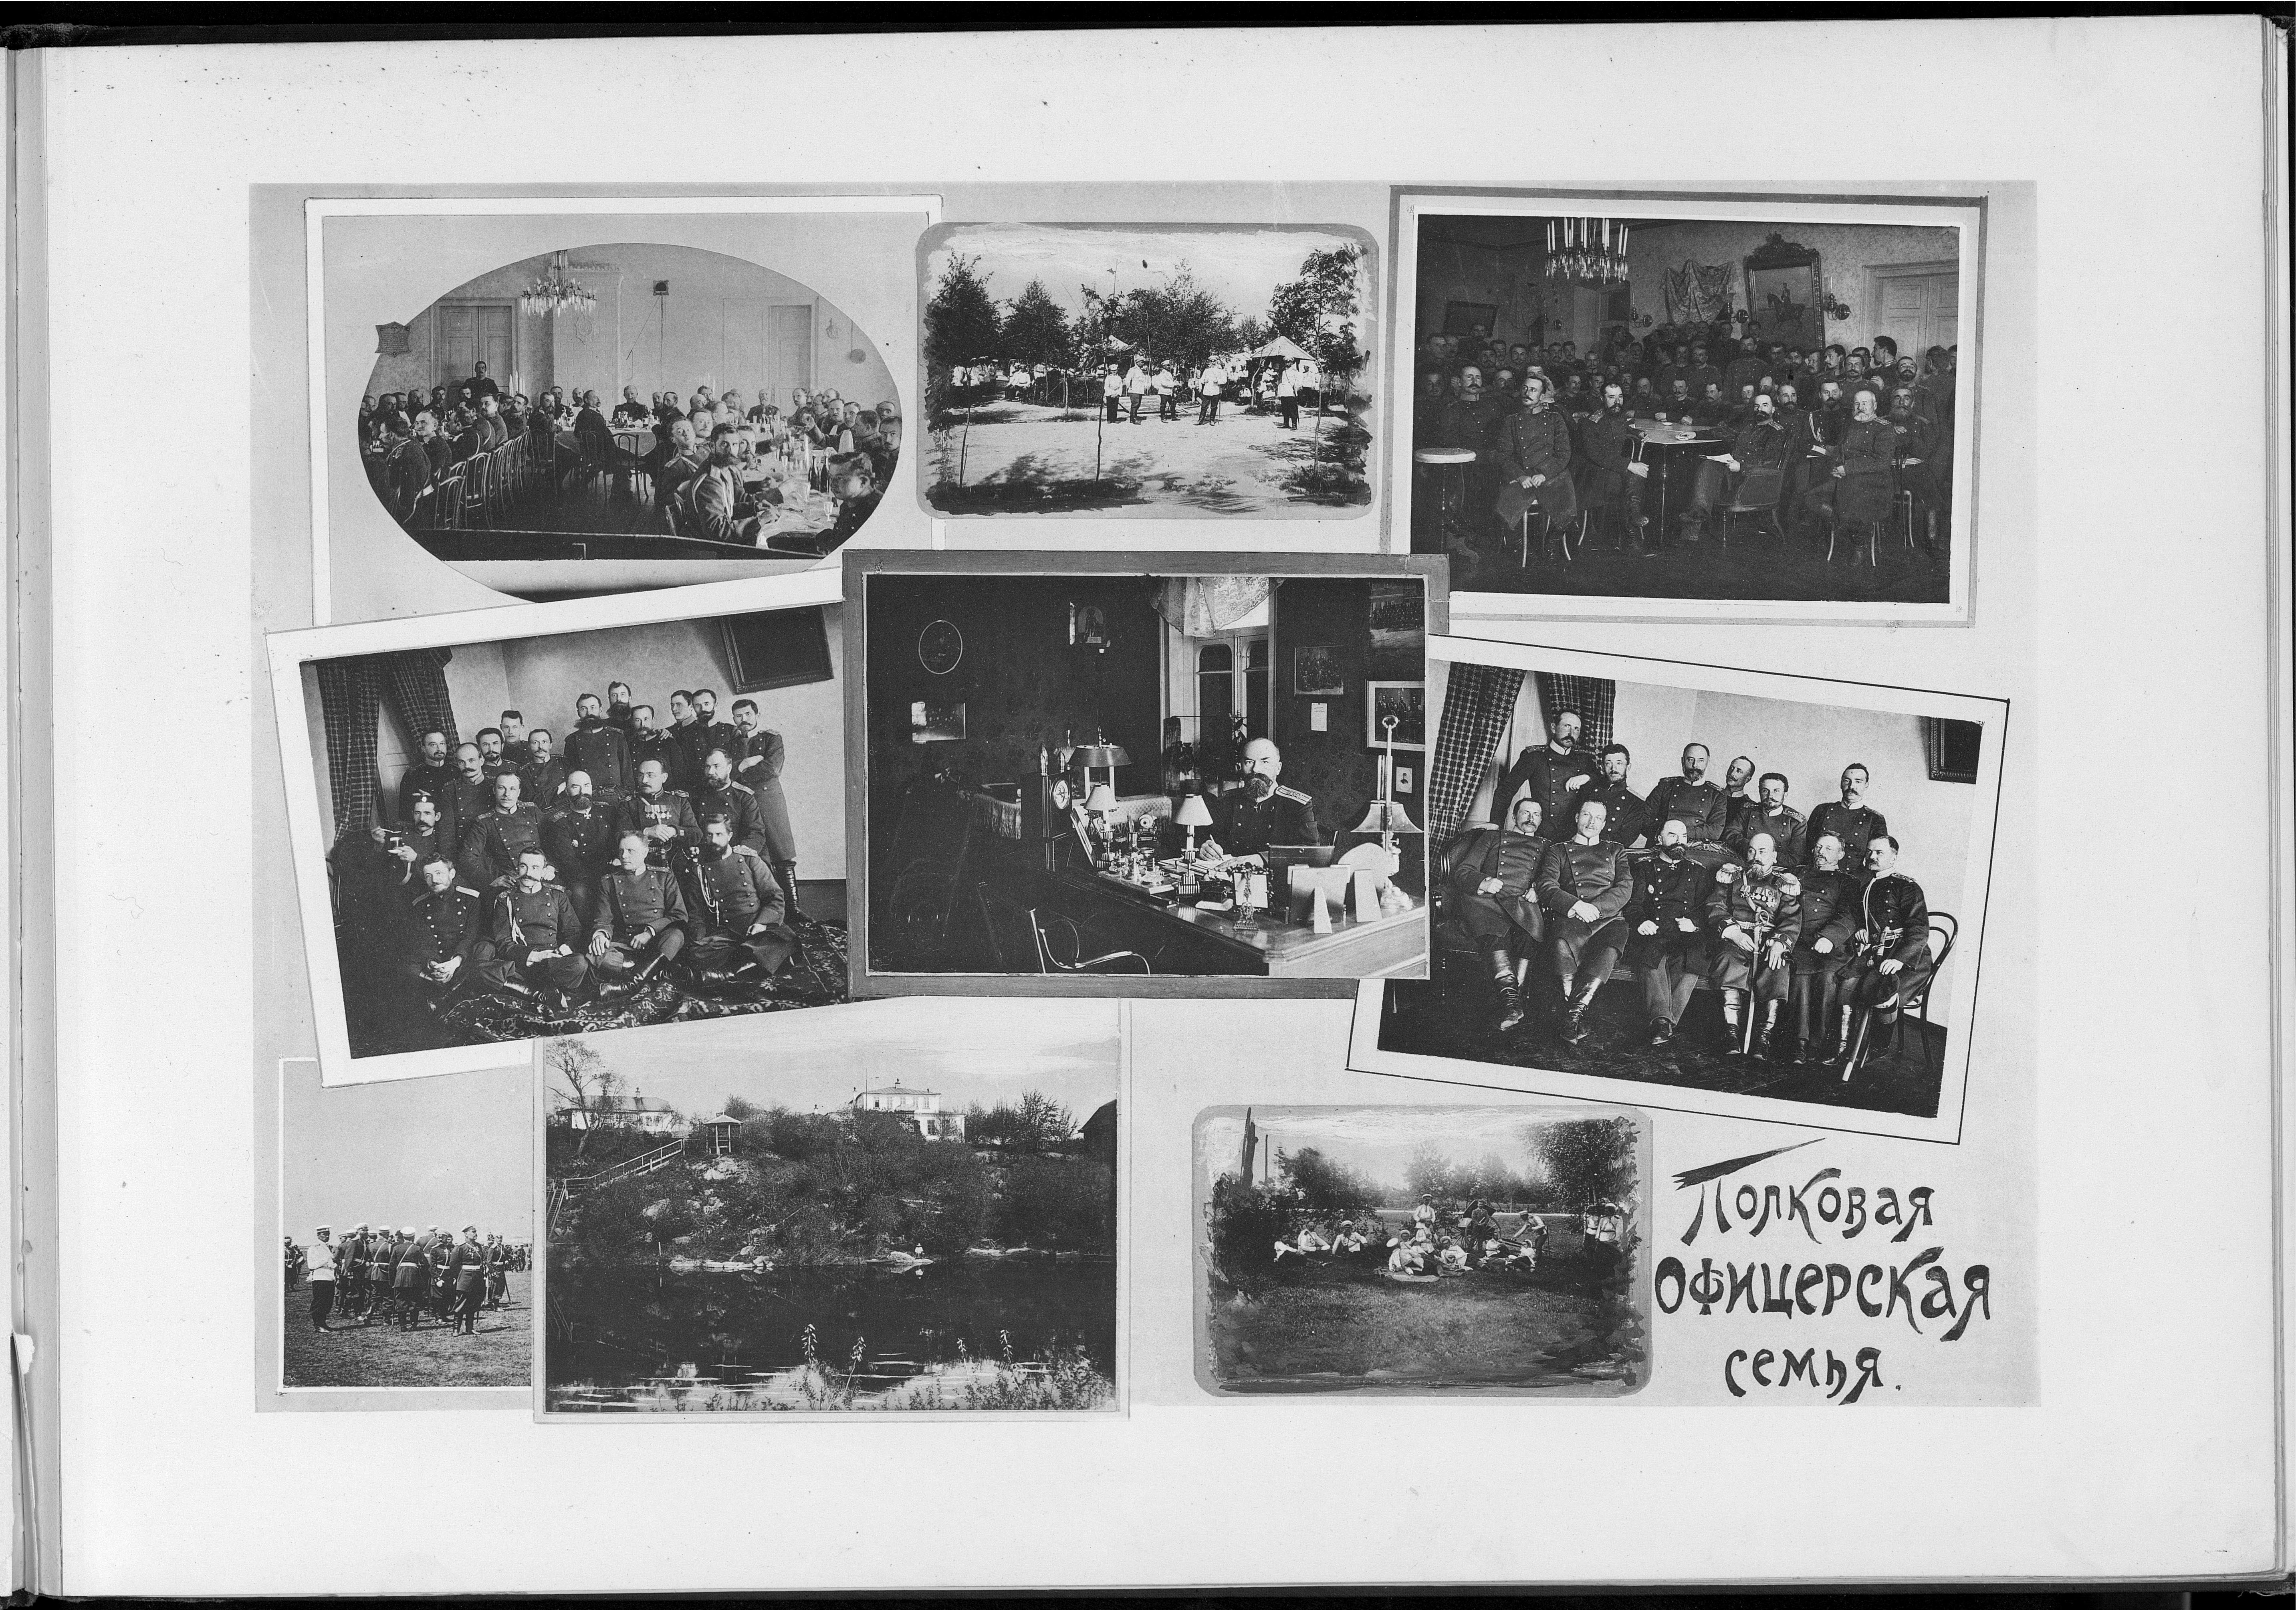 03. Полковая офицерская семья